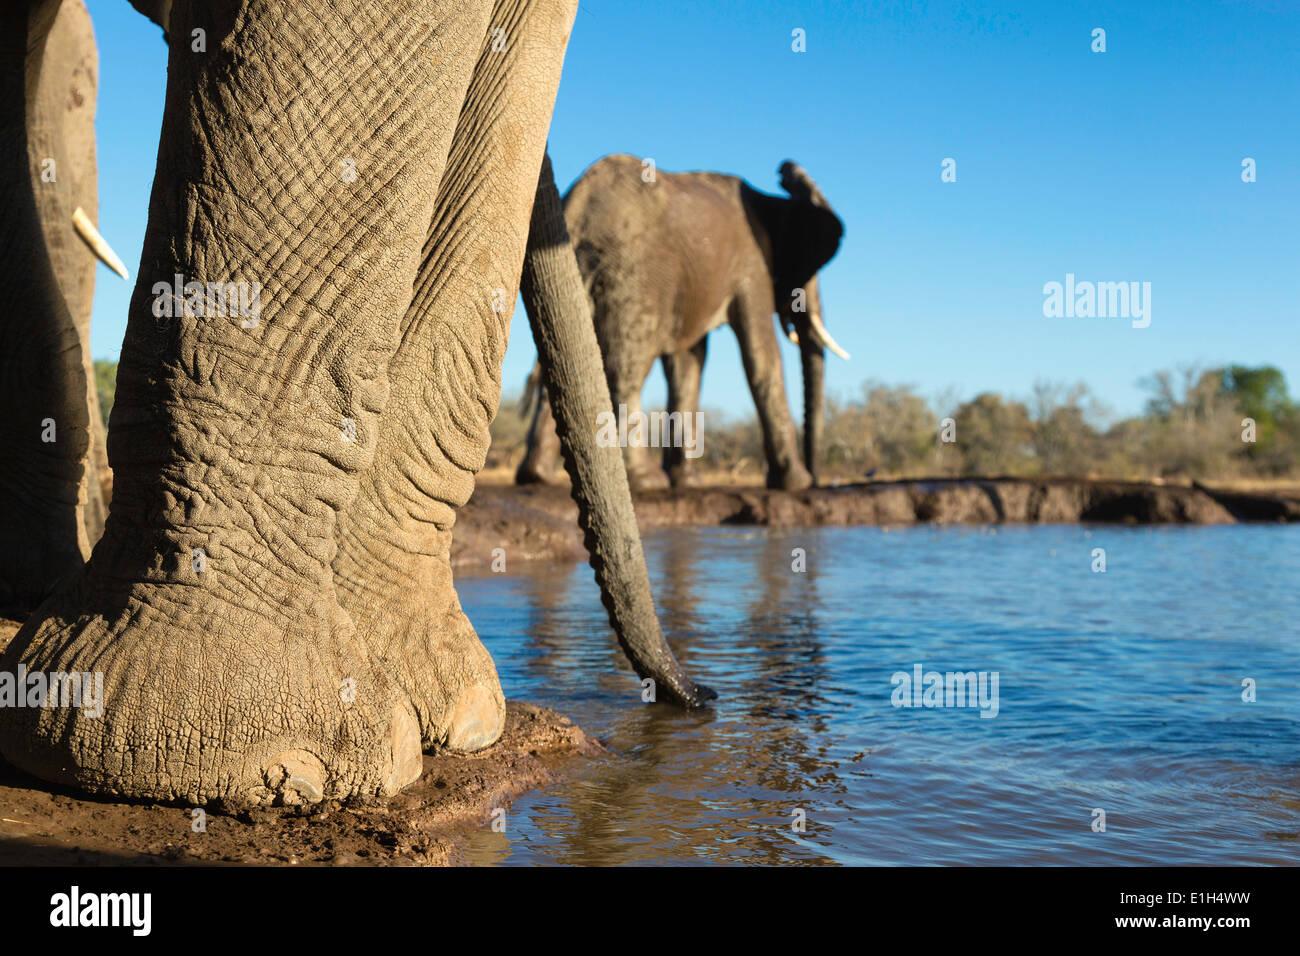 African elephants (Loxodonta africana) at watering hole, Mashatu game reserve, Botswana, Africa - Stock Image